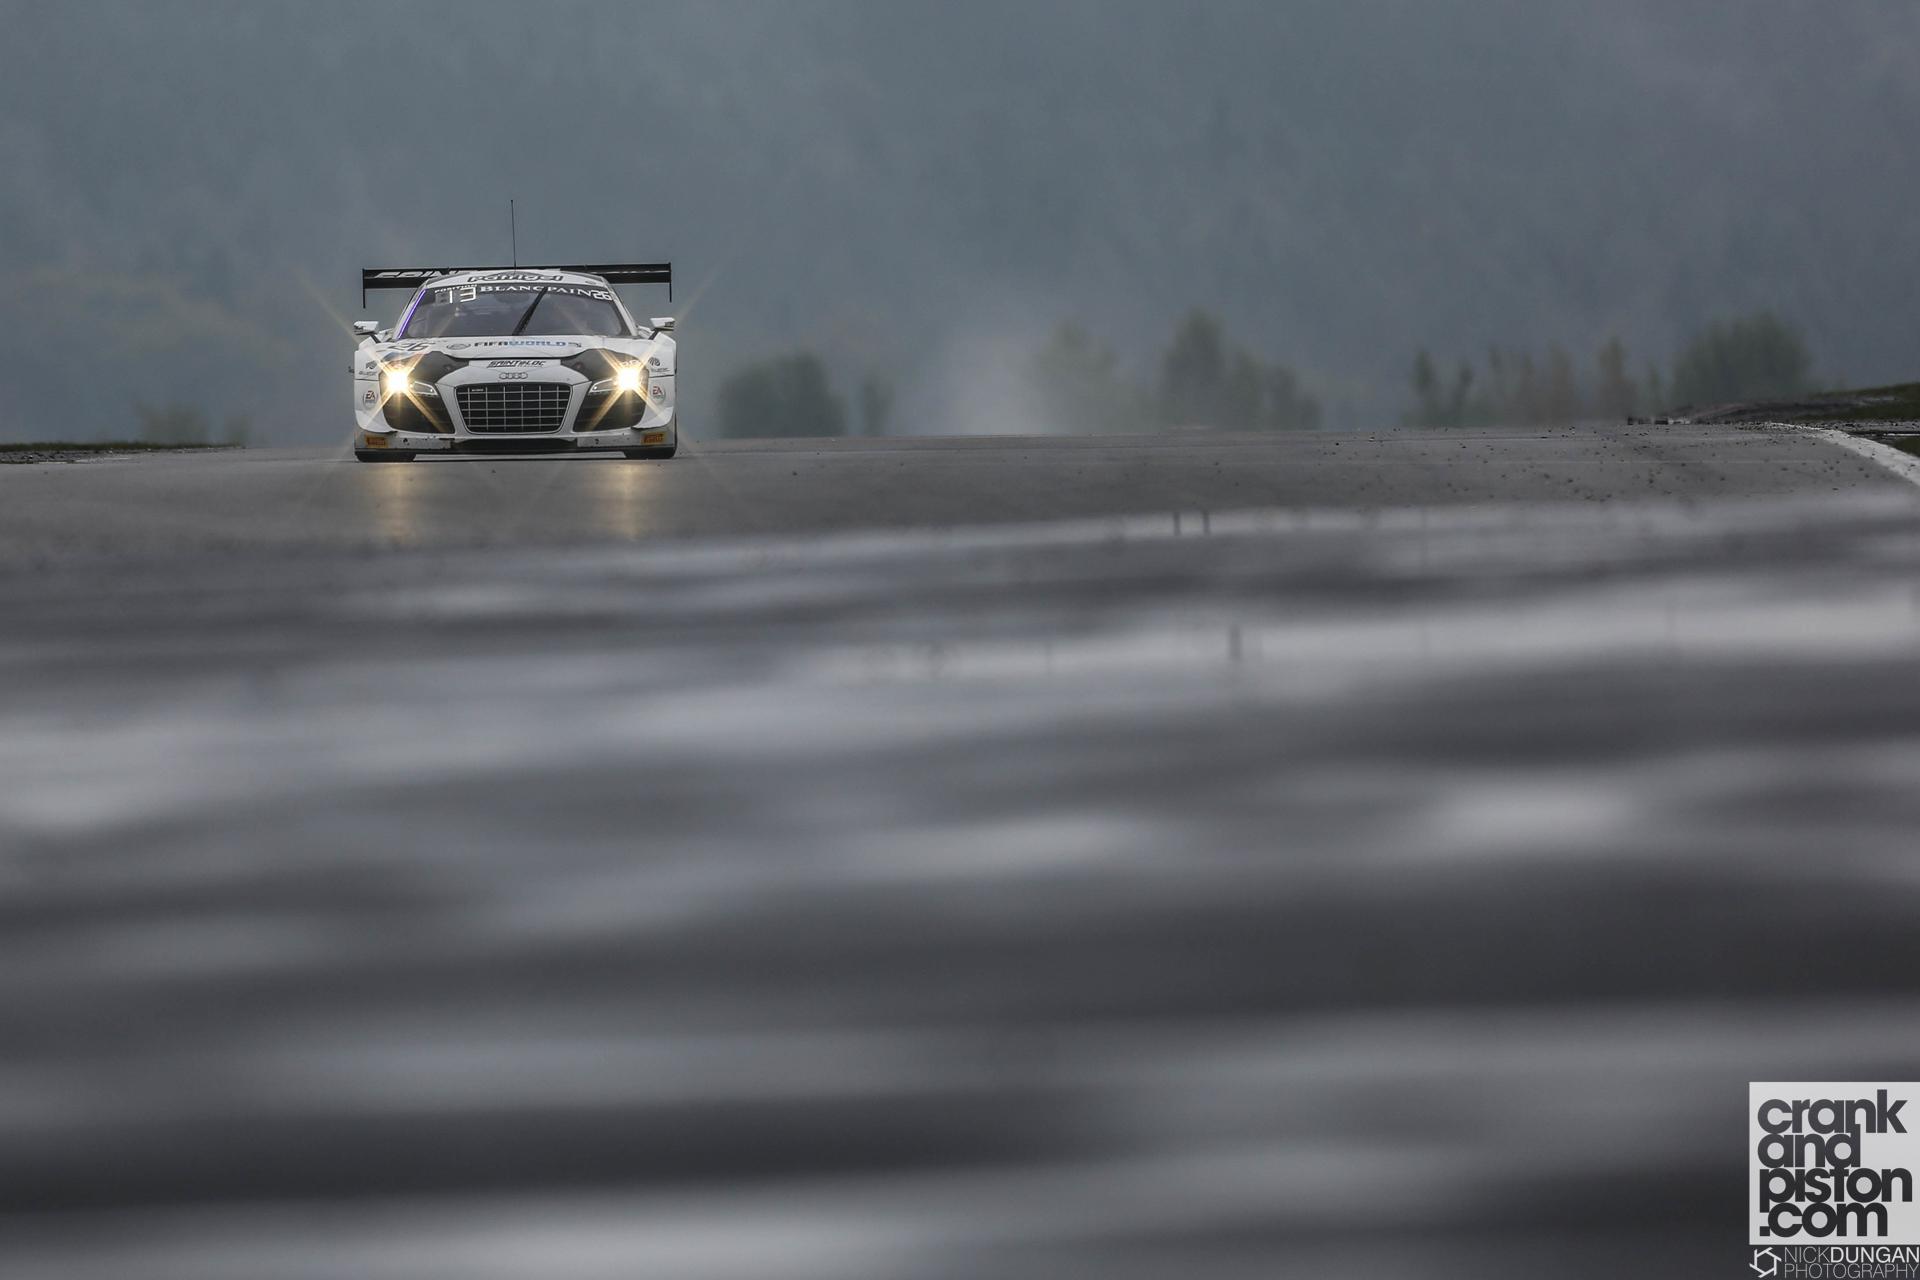 Edward Sandstrˆm, Stephane Ortelli, Gregory Guilvert Sainteloc Racing Audi R8 LMS Ultra - Blancpain i-Racing N¸rburgring 1000 at N¸rburgring -  - Germany